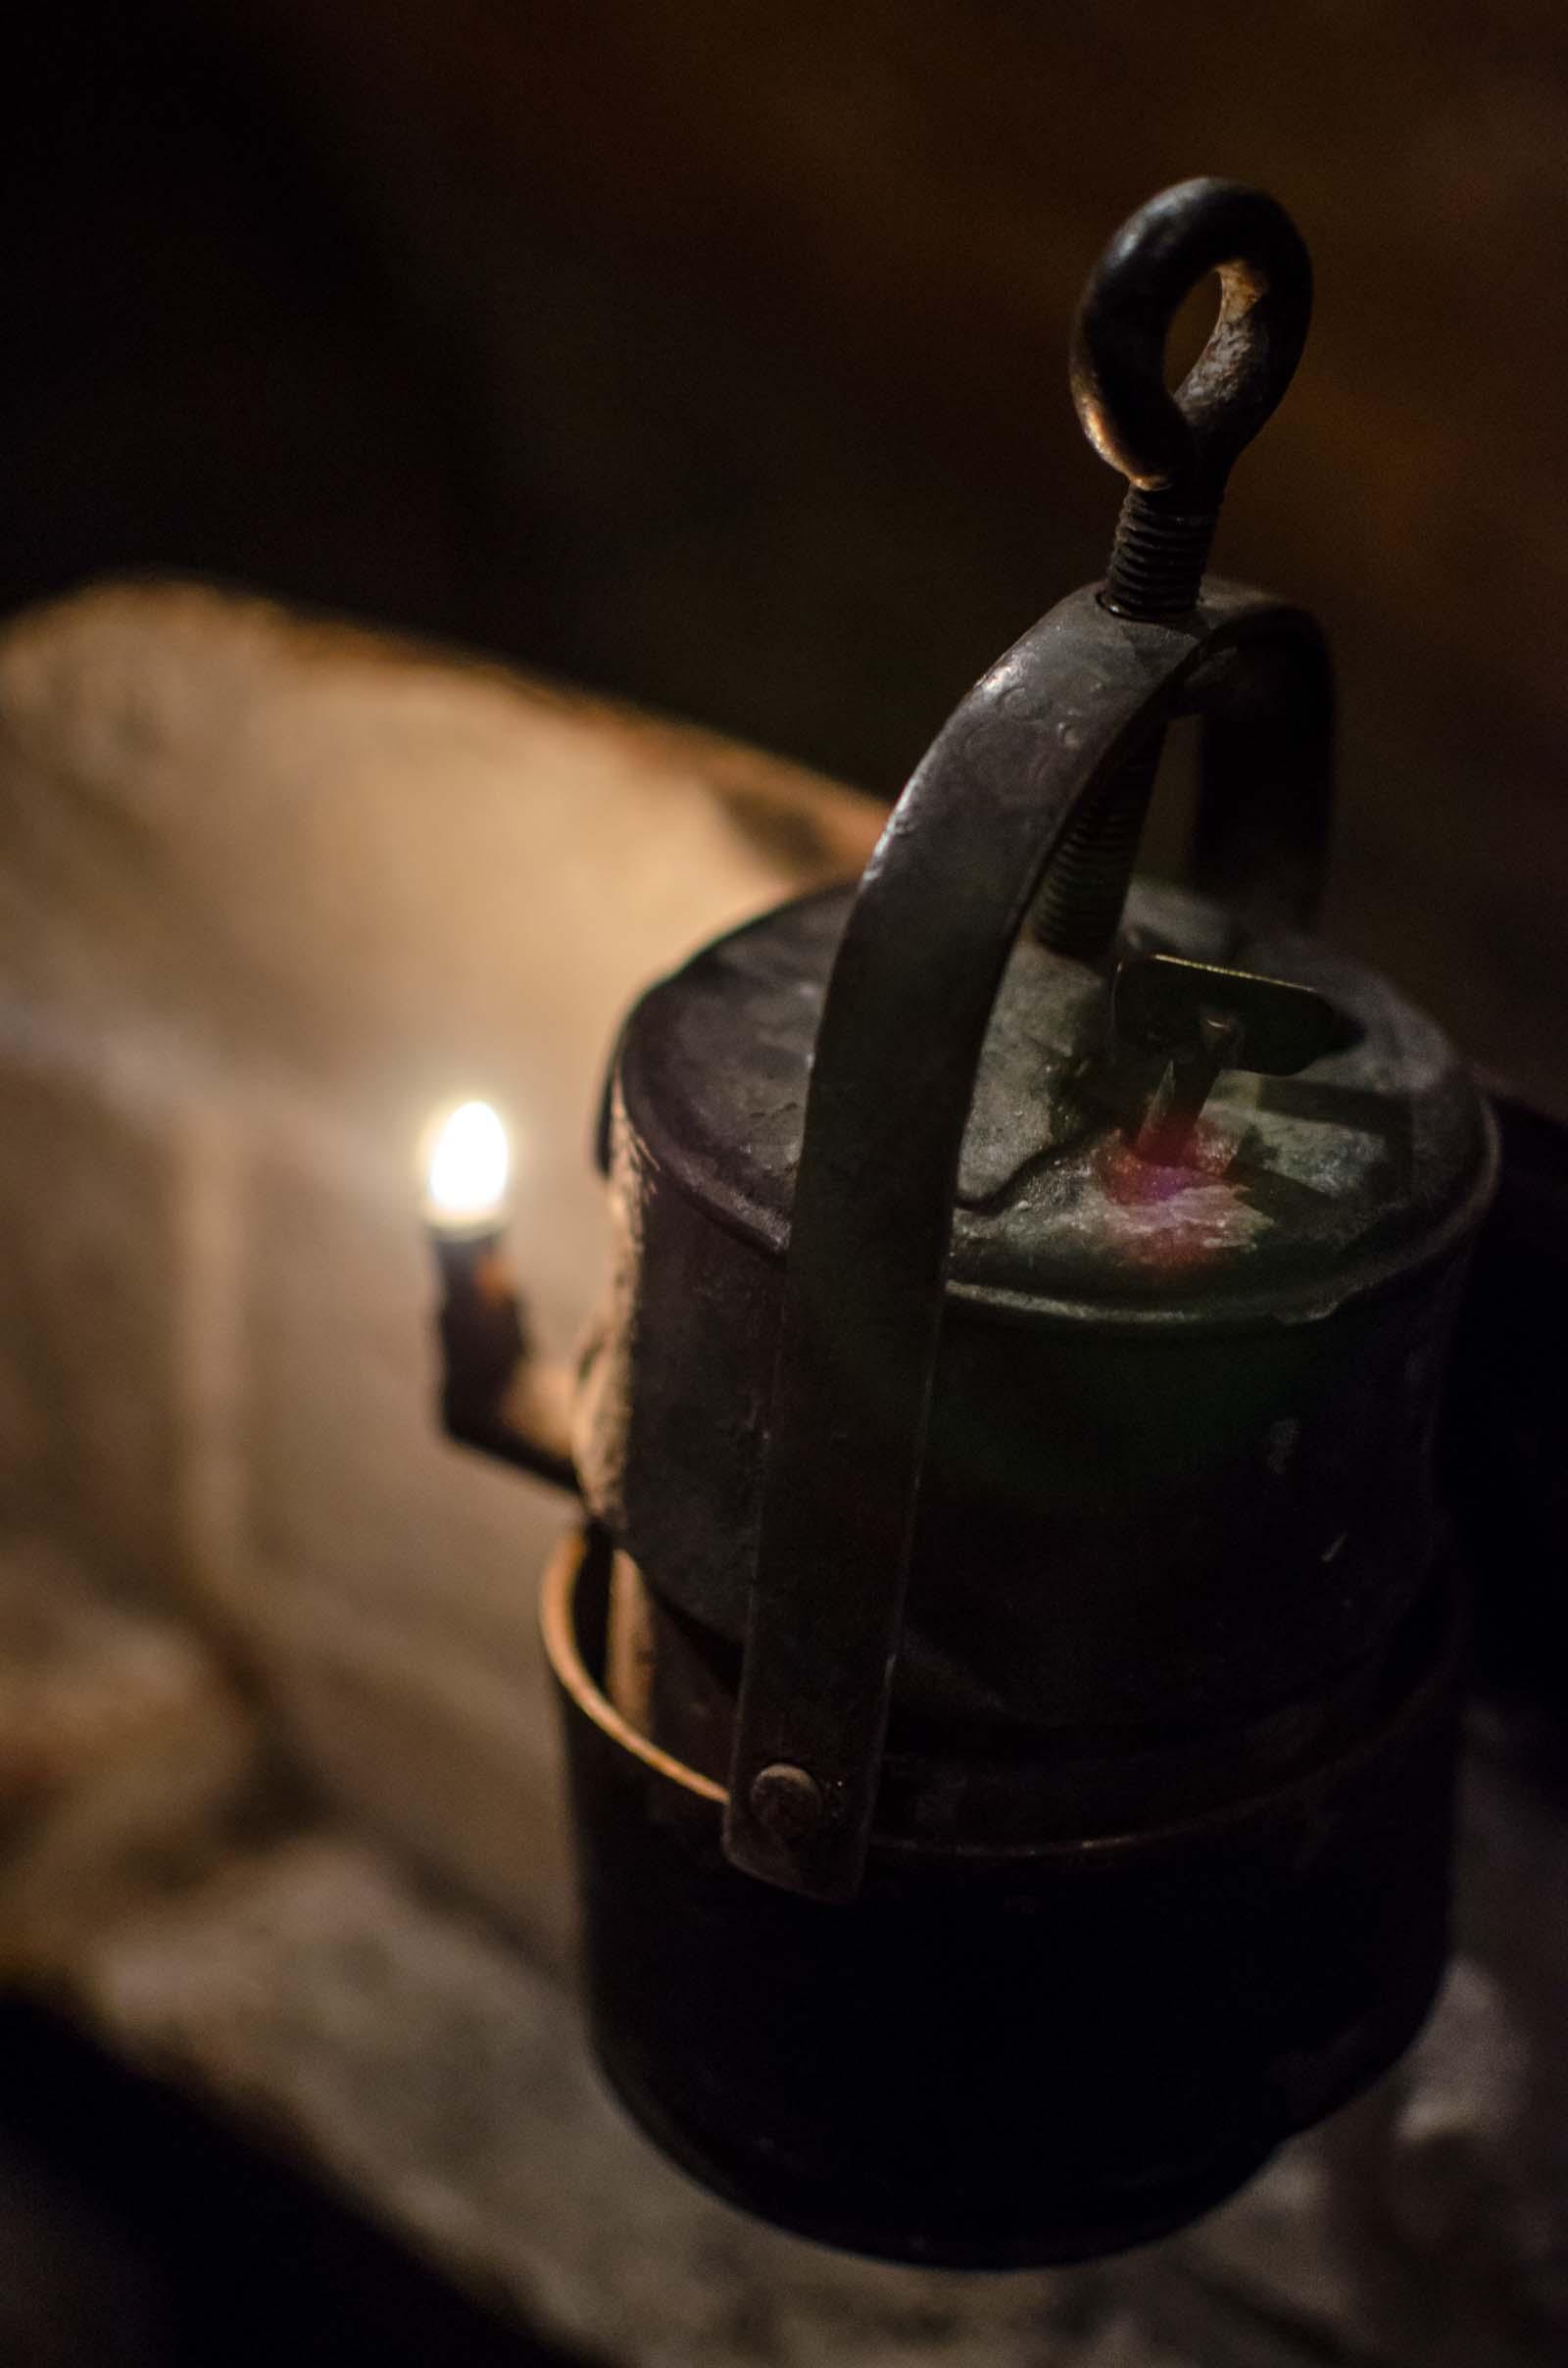 Górnicza lampa karbidowa w kopalni srebra. Tarnowskie Góry